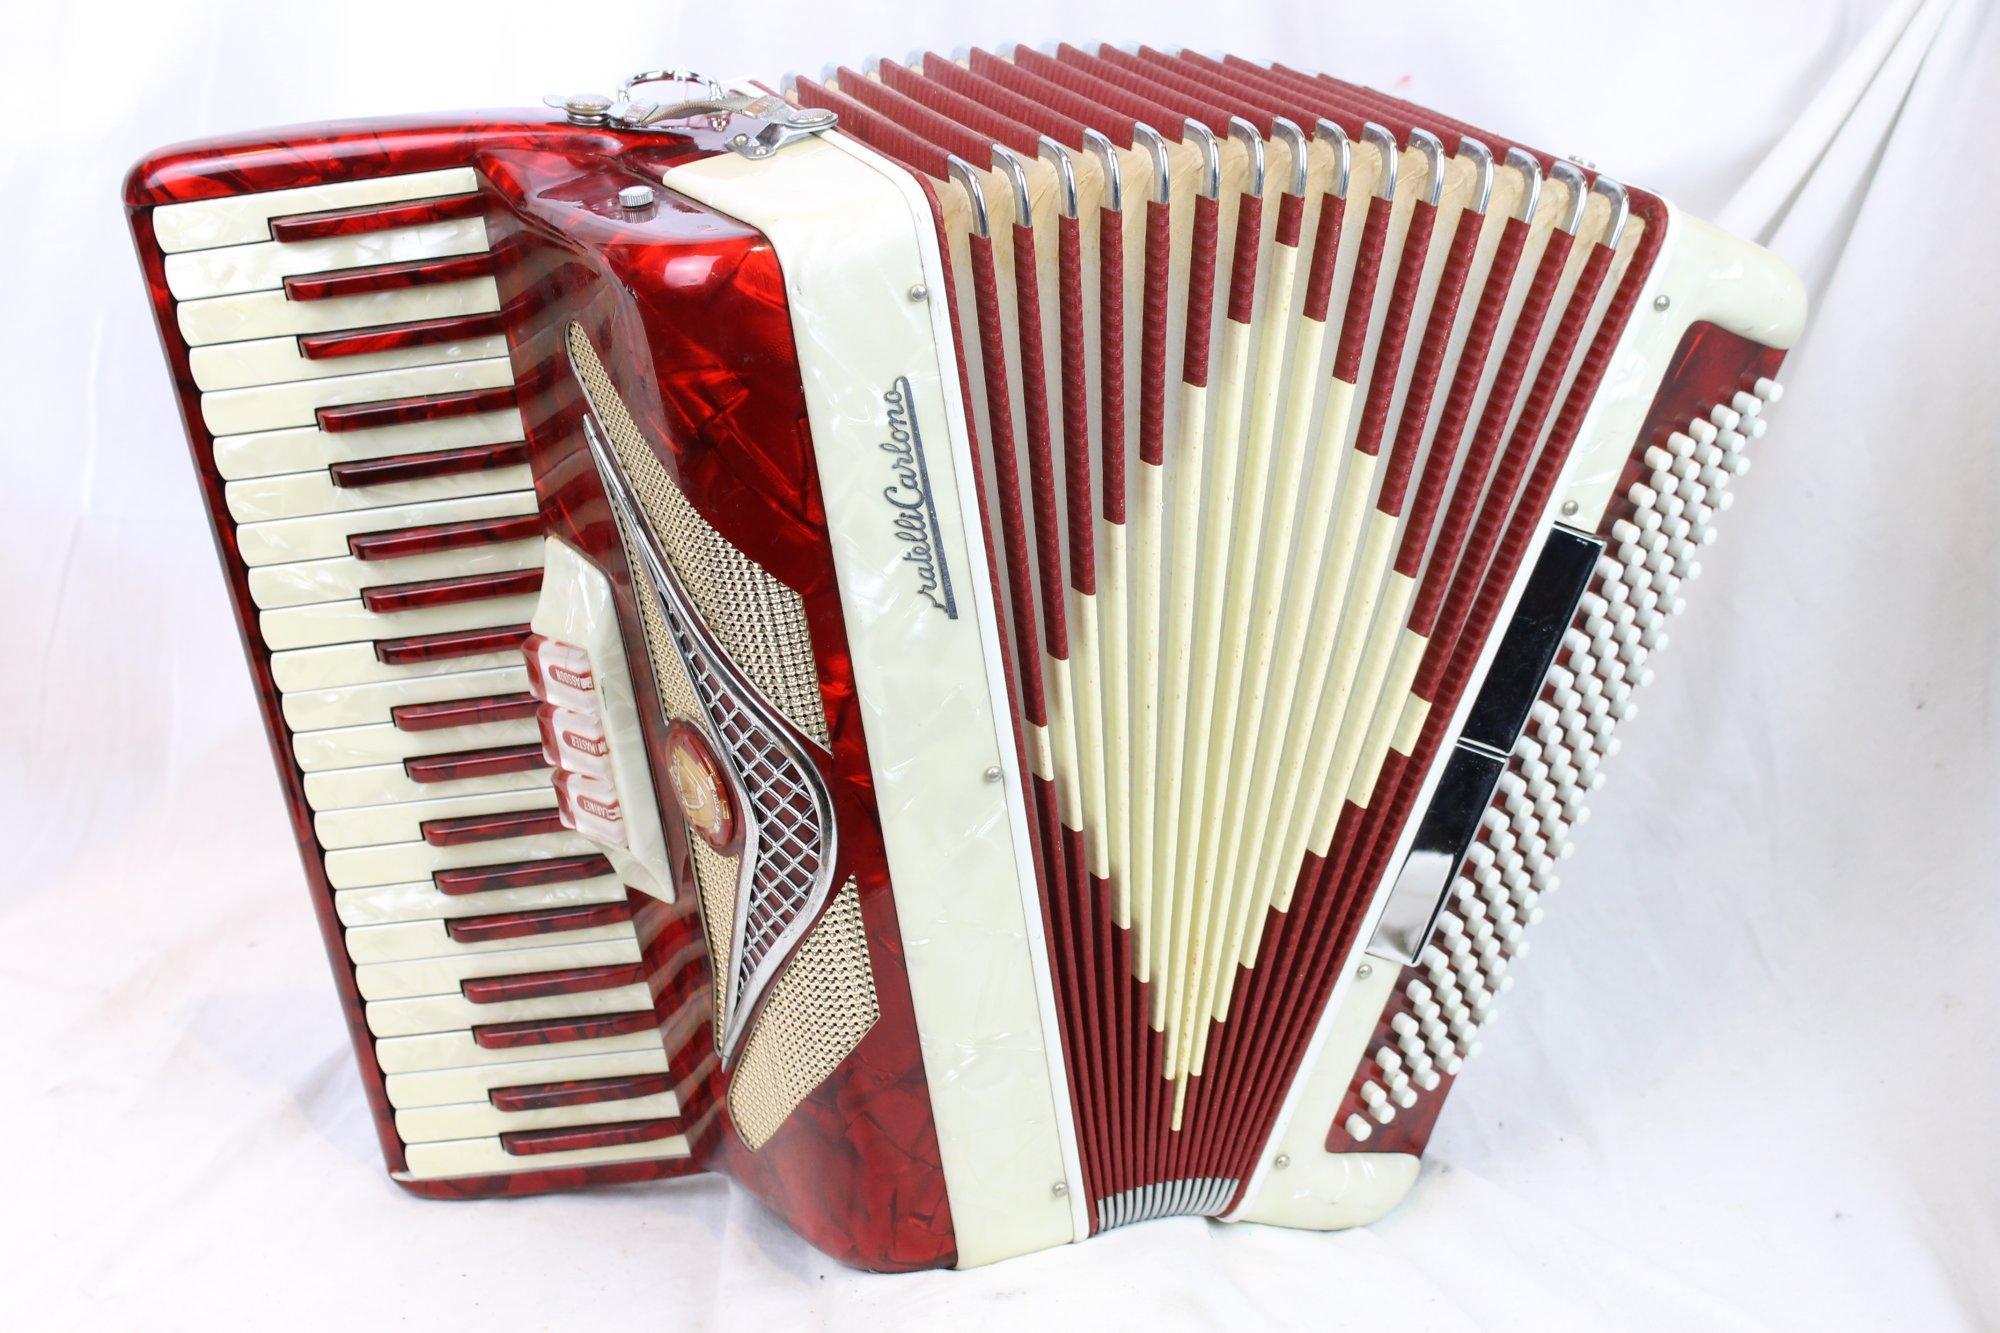 3159 - Red and Cream Fratelli Carlono Piano Accordion LM 41 120